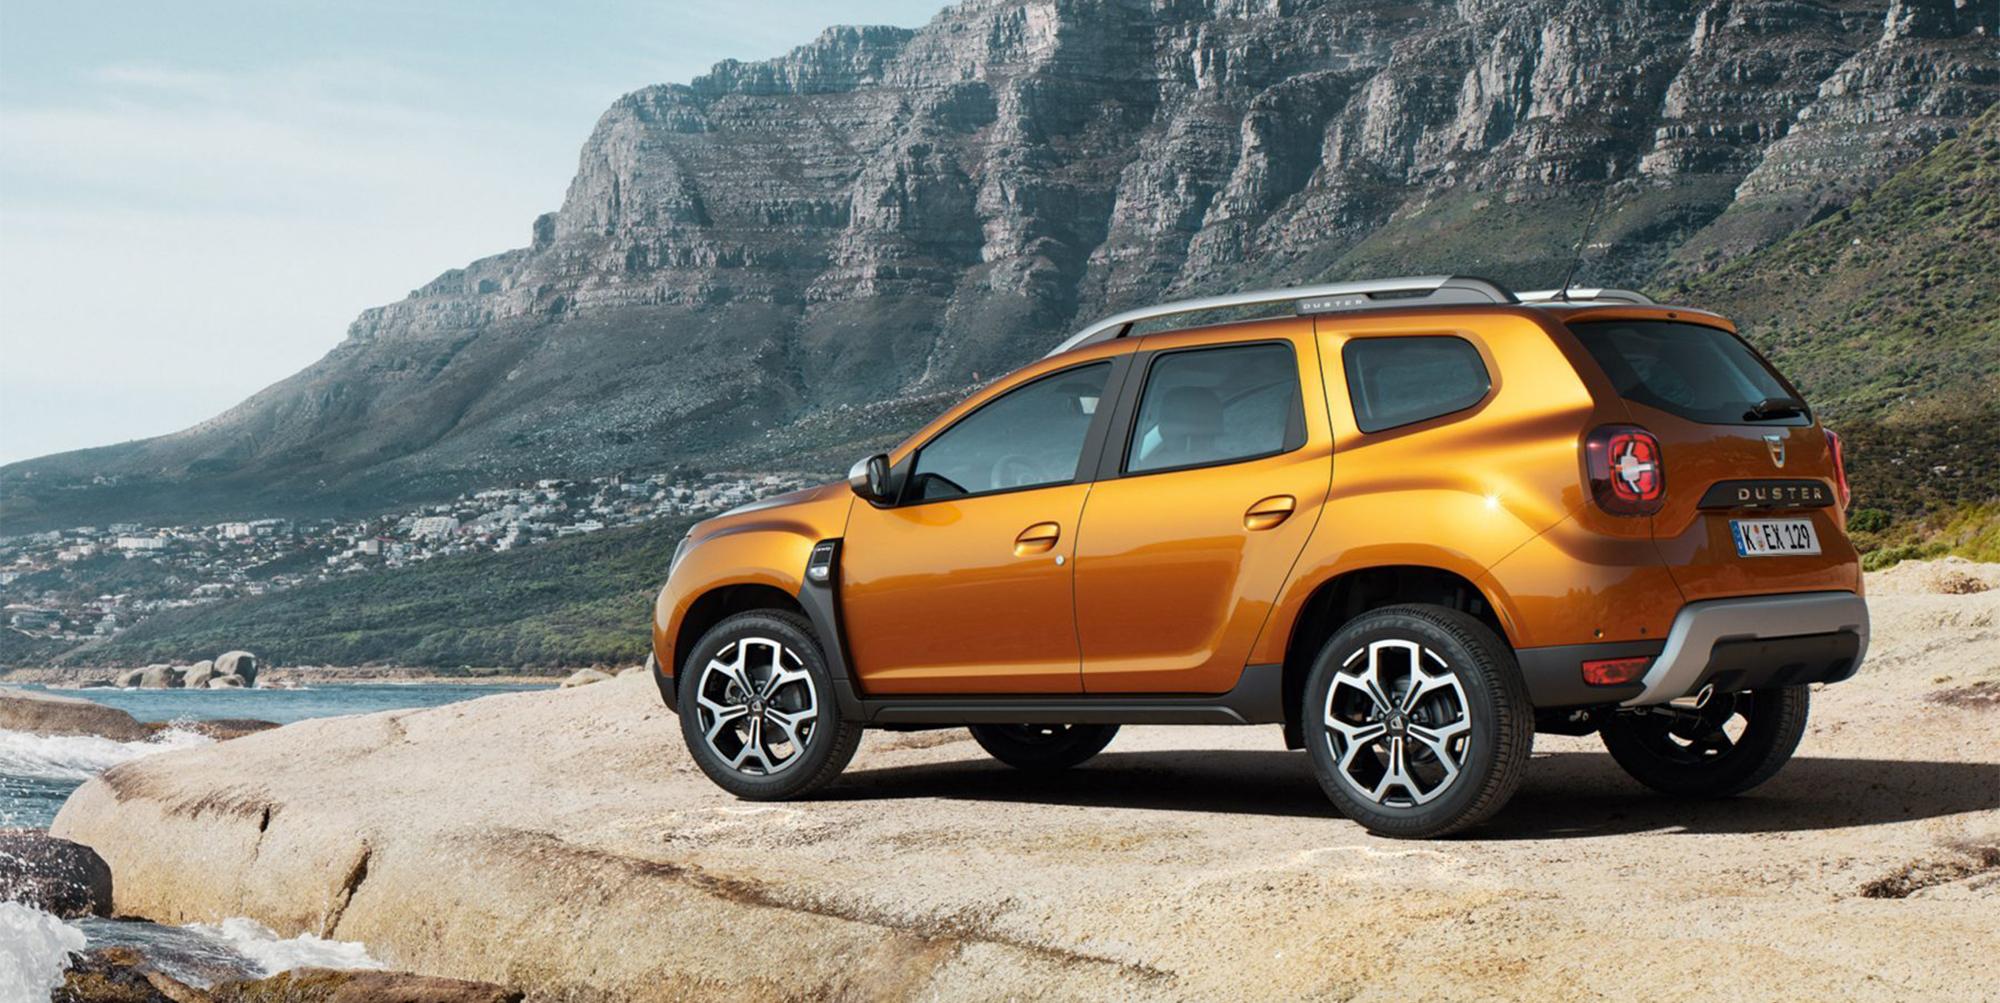 Dacia ist Marktführer bei LPG-Antrieben